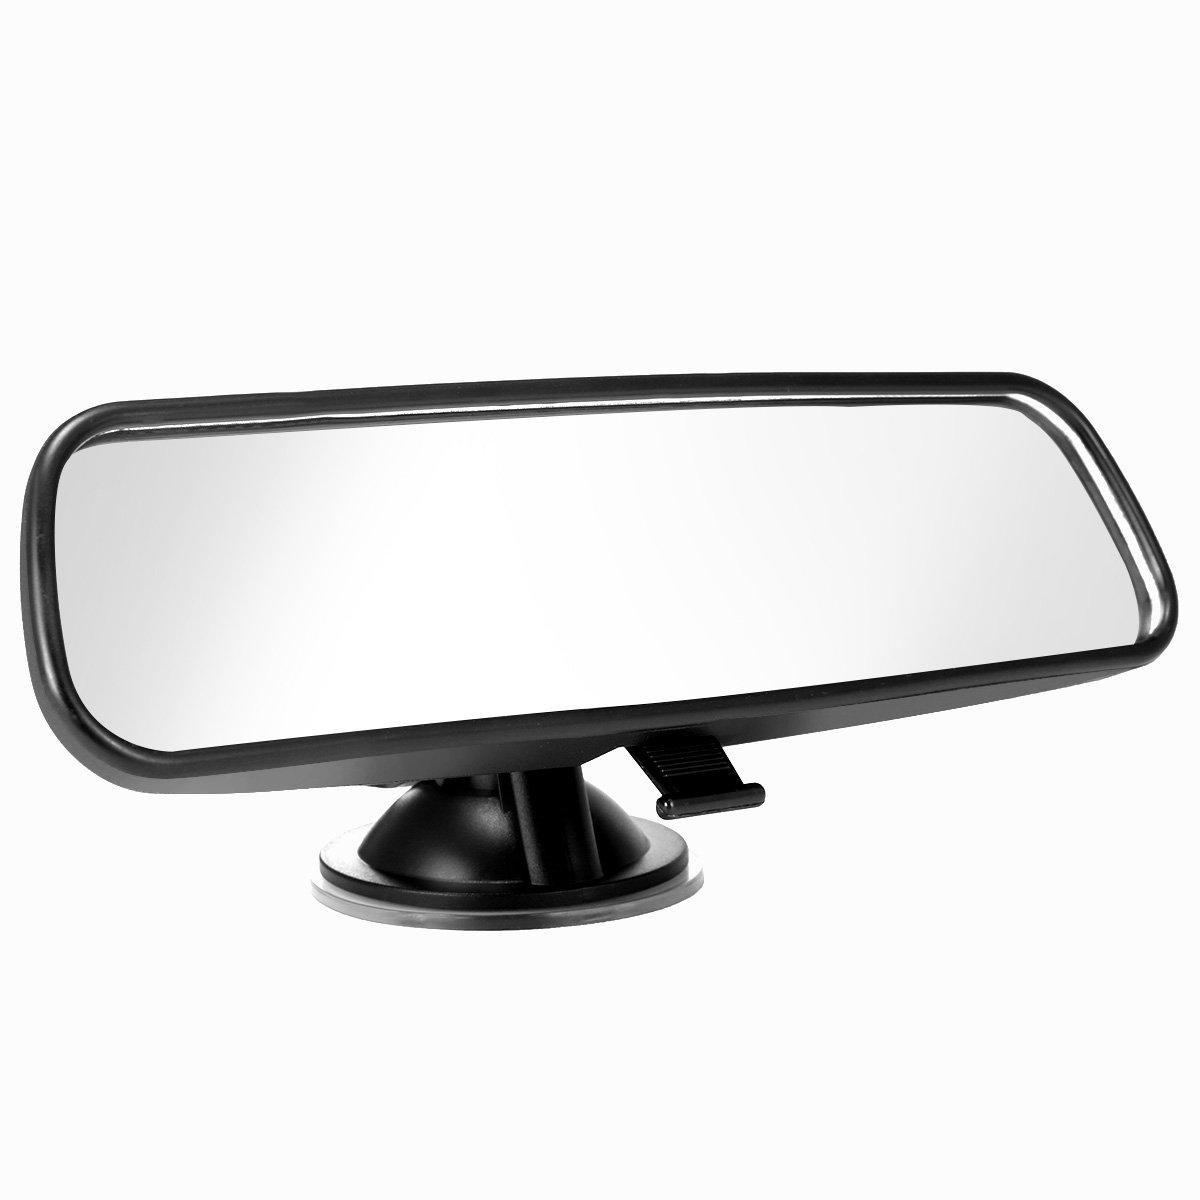 21.5/cm ELUTO specchietto retrovisore universale auto camion retrovisore interno ventosa auto bambino specchio specchio di sicurezza regolabile 21,5/cm